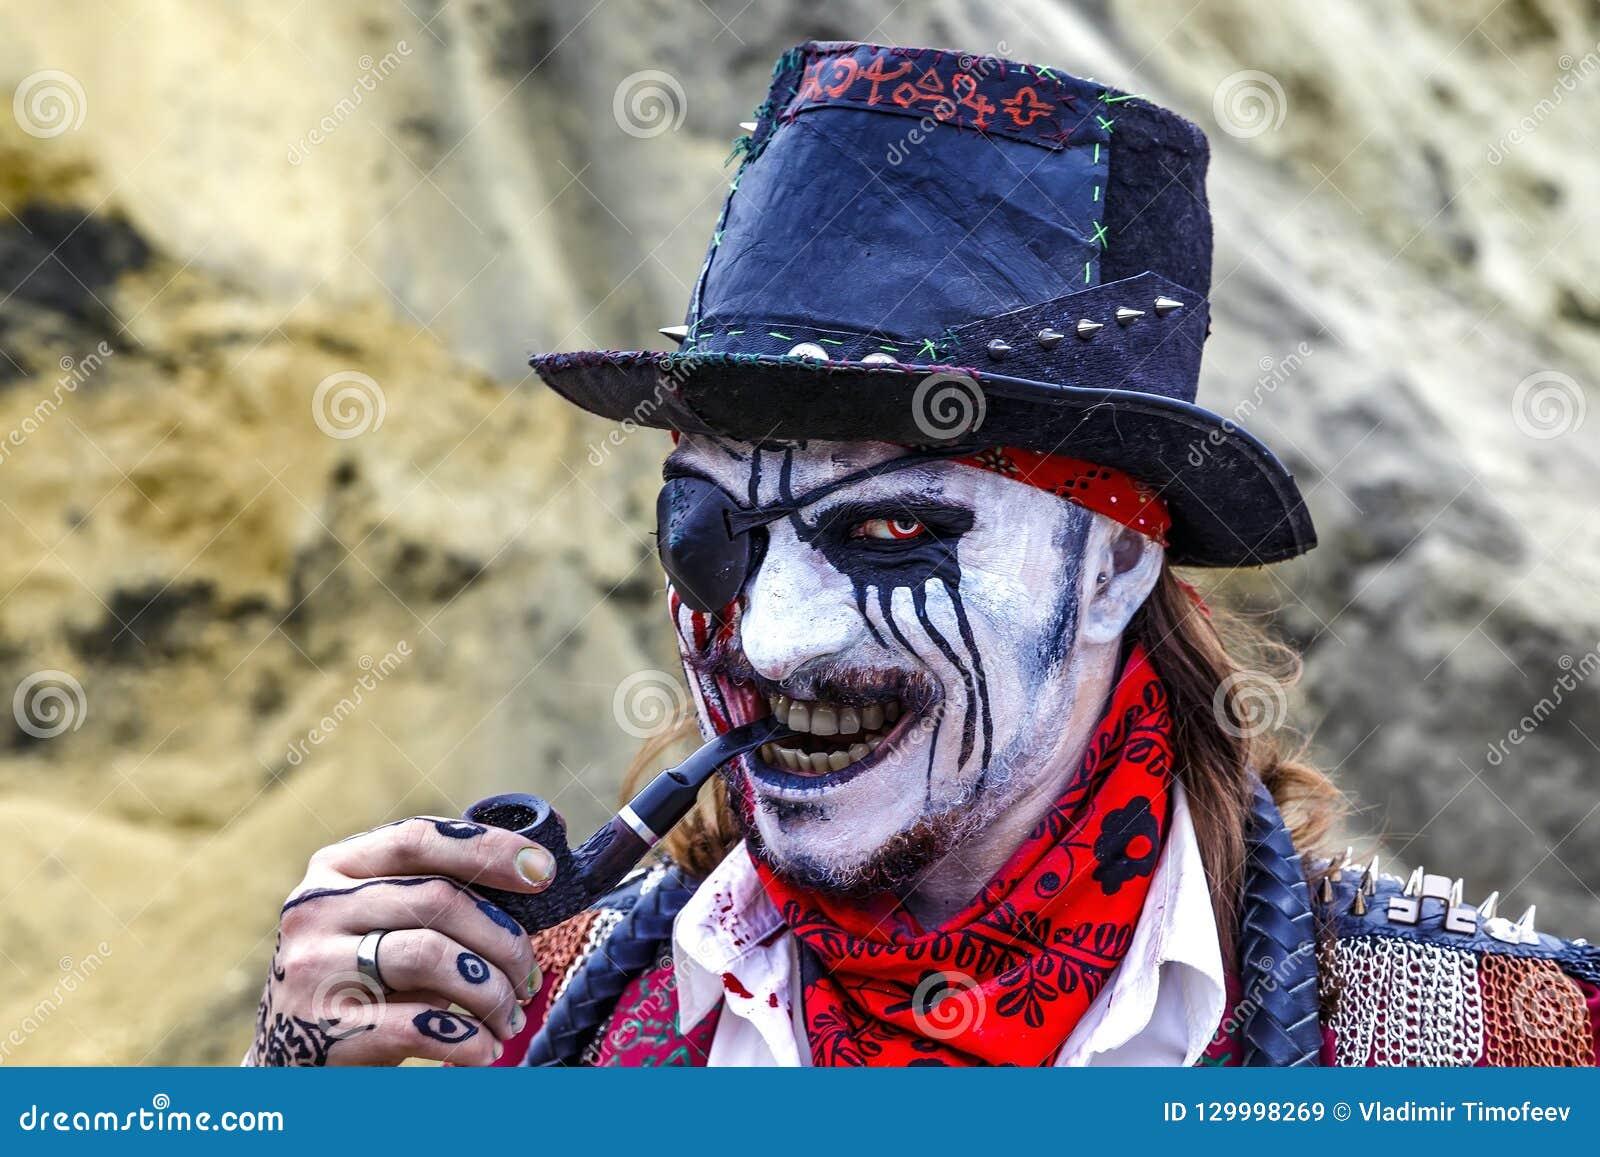 Olhar mau ávido de um pirata com remendo mais de um olho e uma tubulação em sua boca